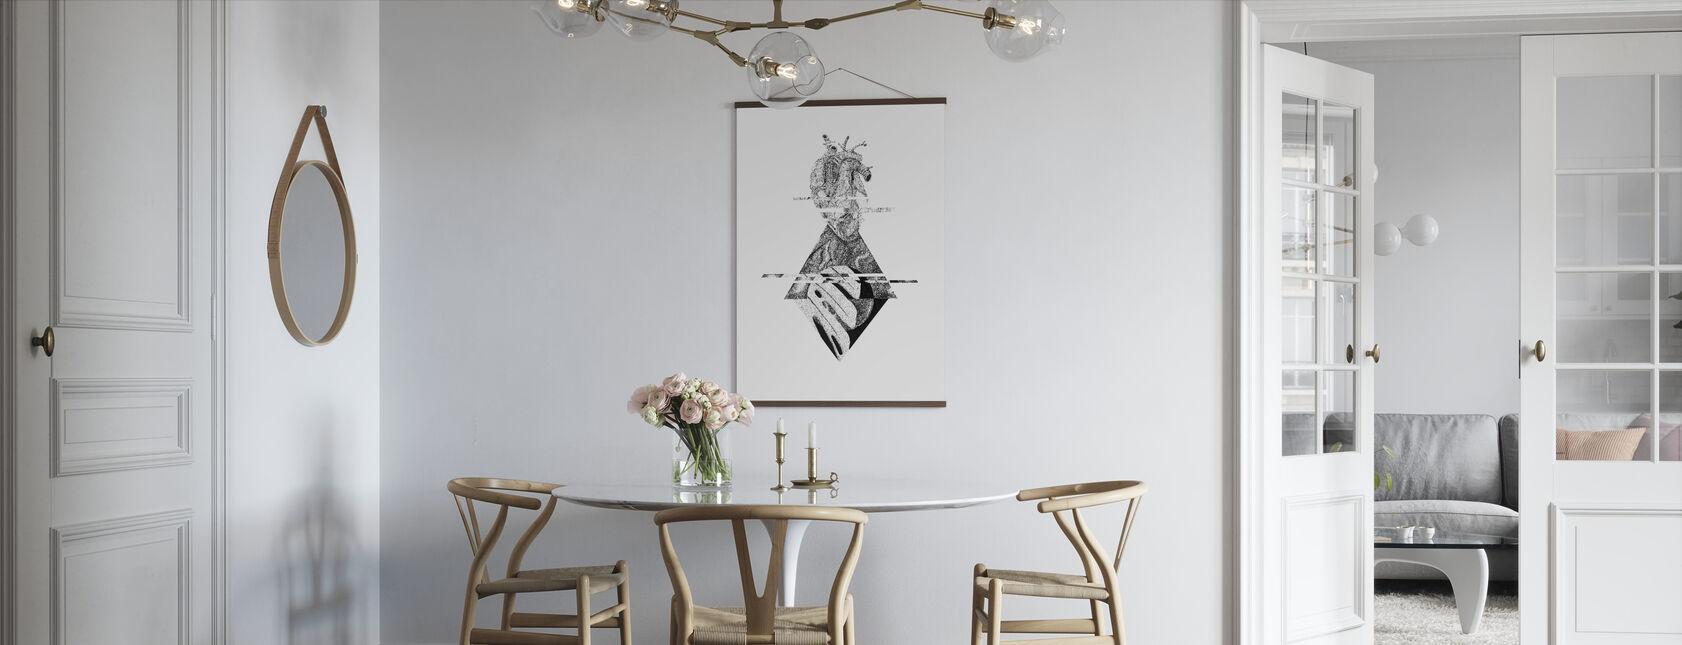 Unterbrochenes Universum III - Poster - Küchen